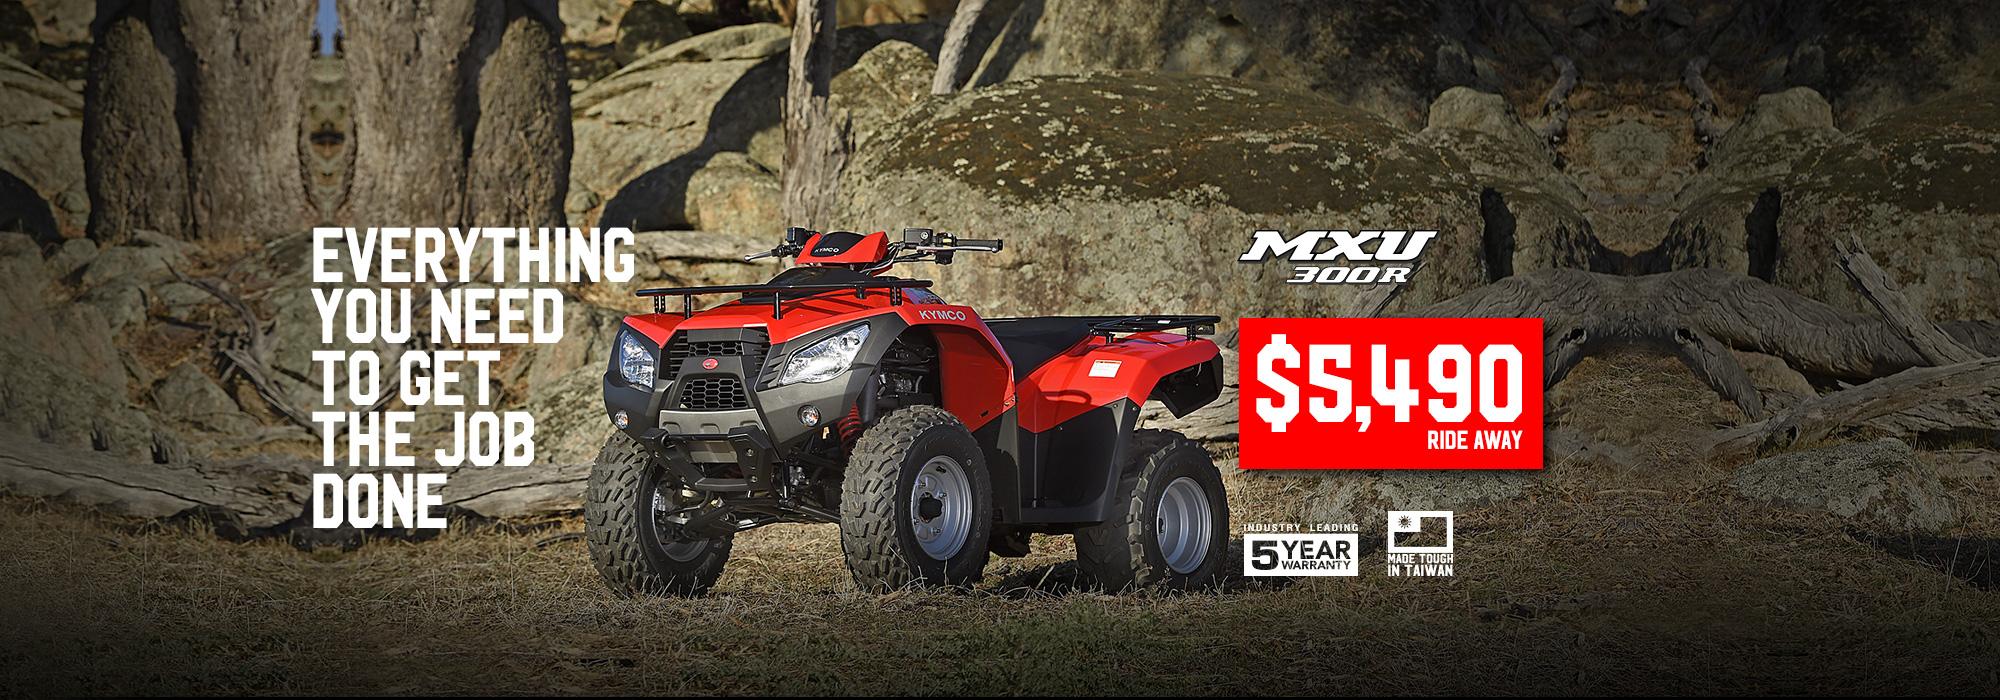 MXU300R